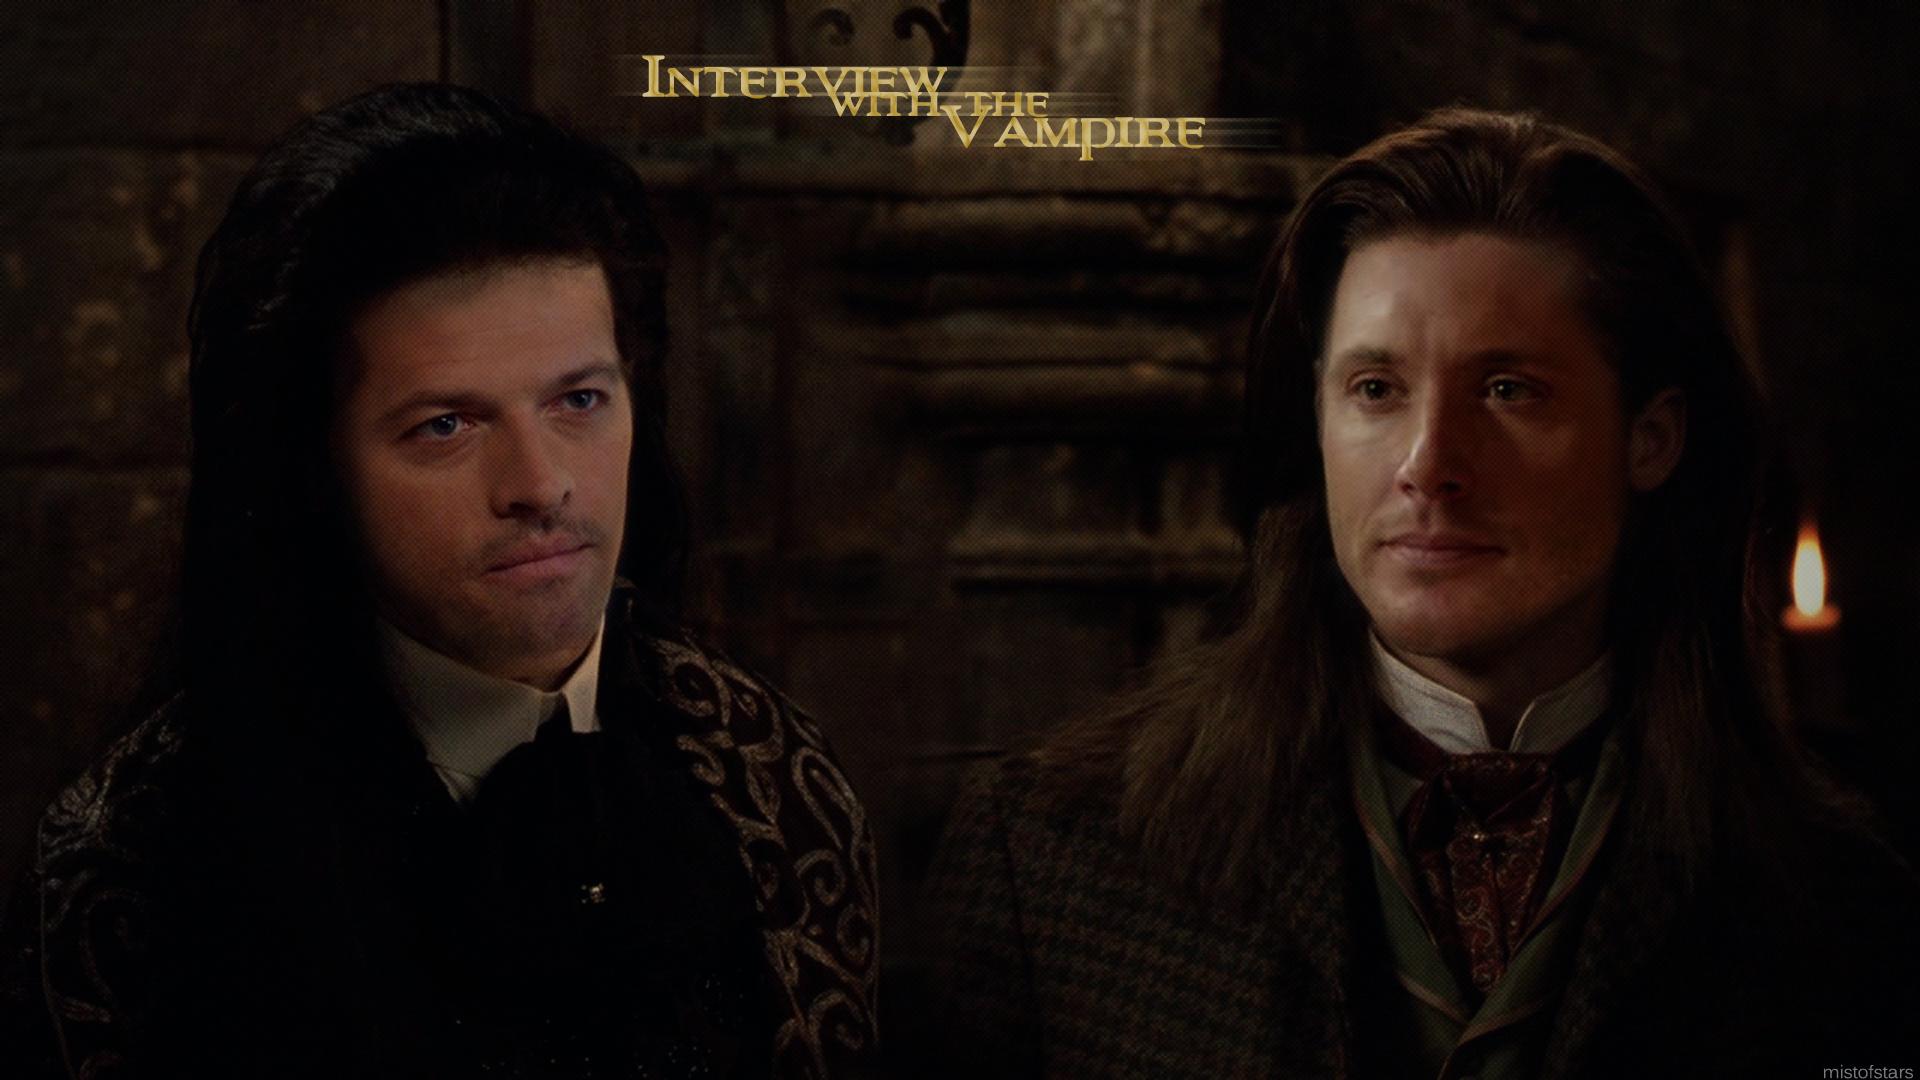 Interview with the vampire (Destiel edit) by mistofstars